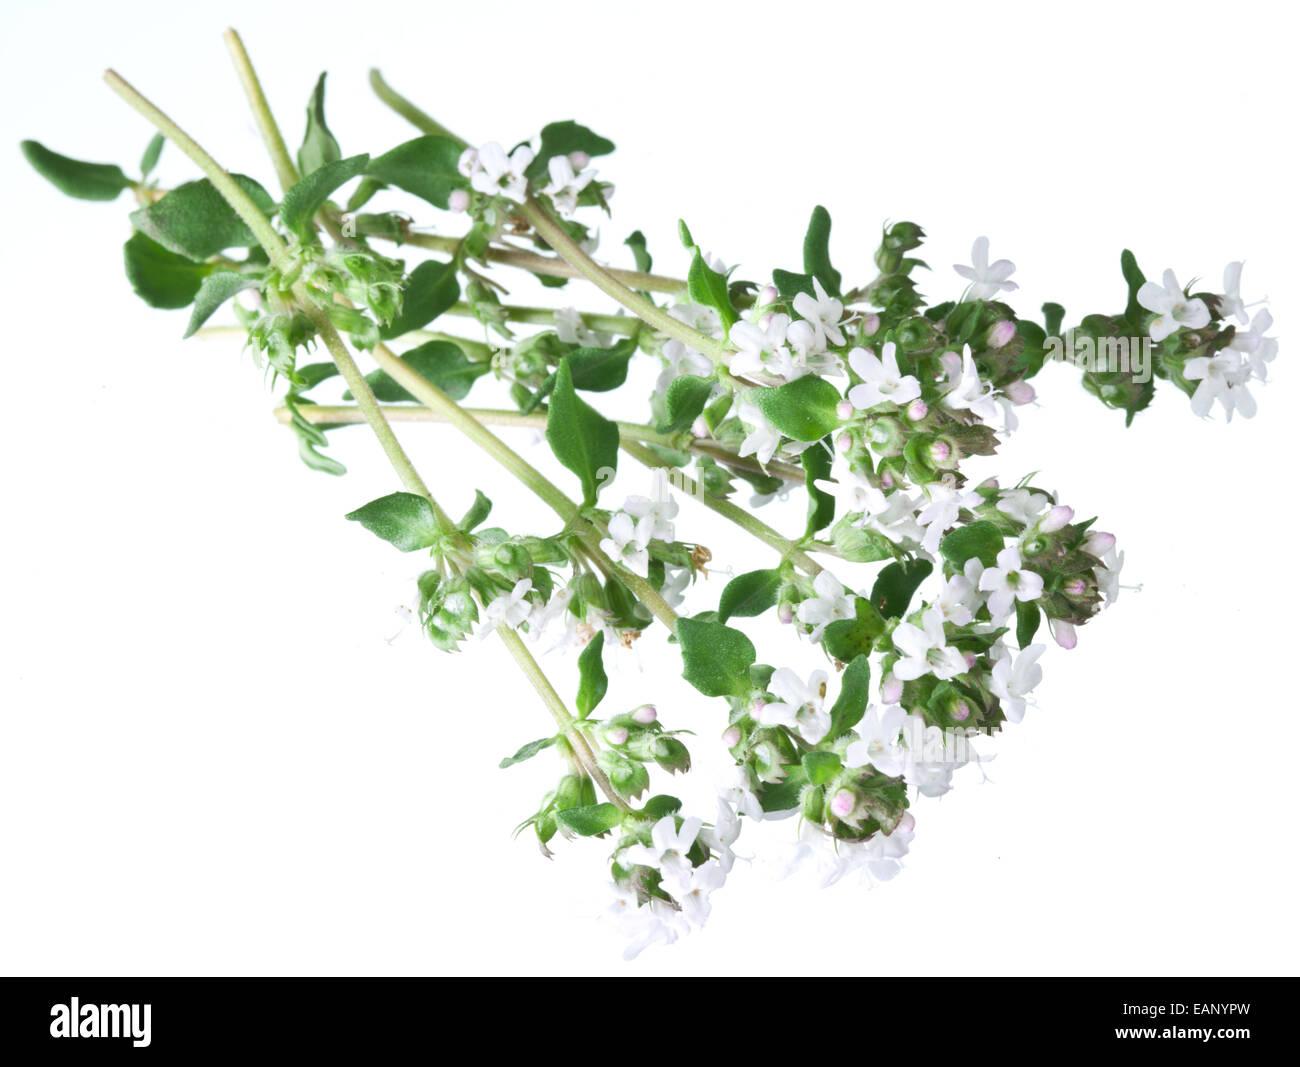 Fresh White Flowers On Oregano Stock Photos Fresh White Flowers On